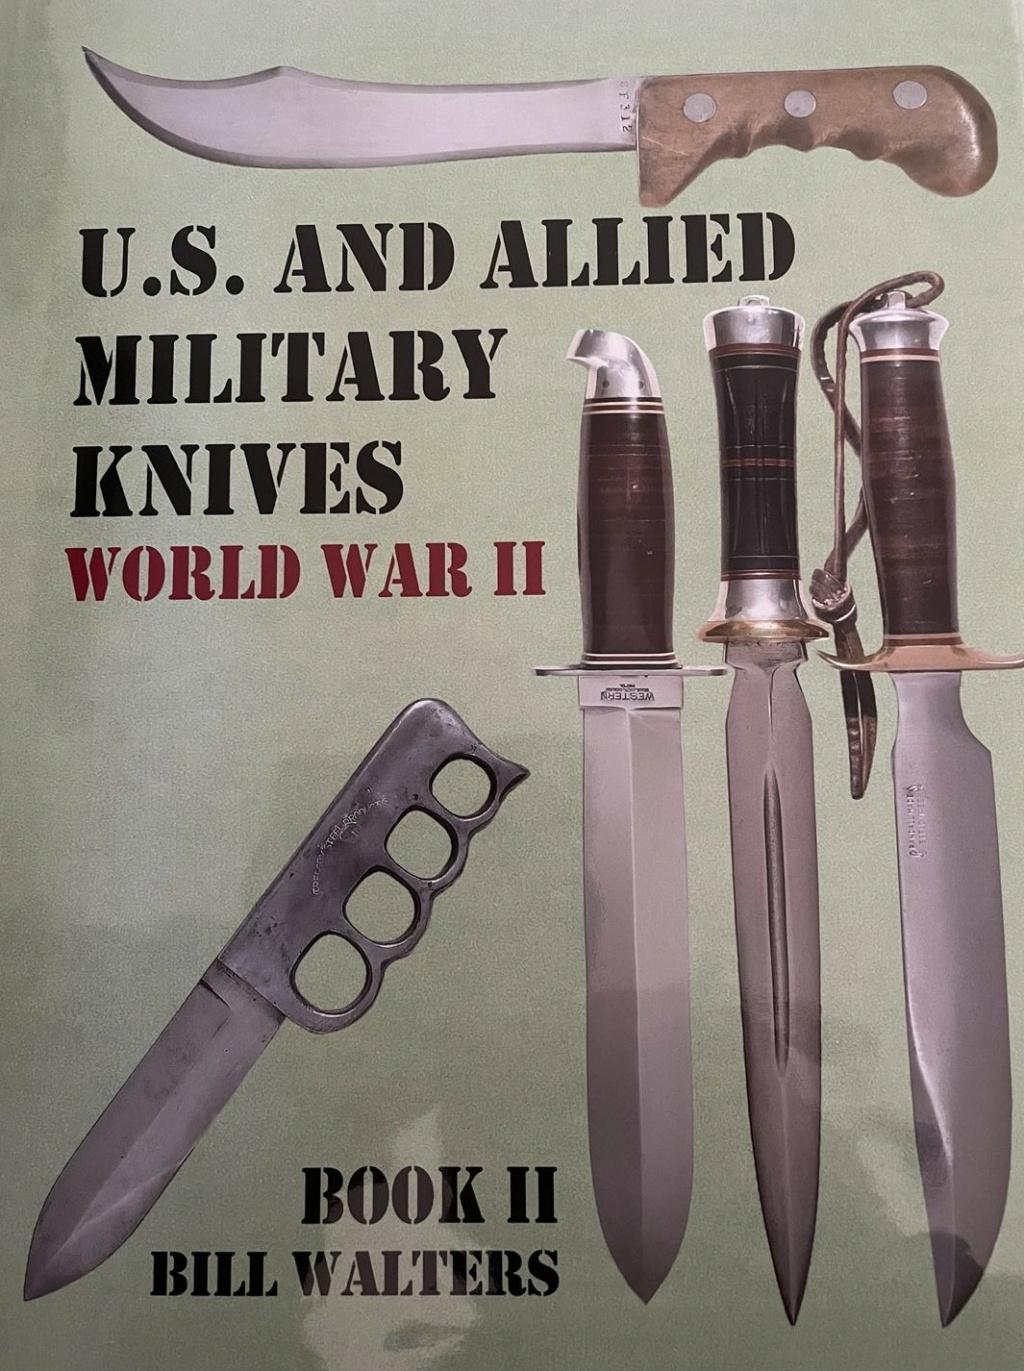 Pour les spécialistes de l'U.S. Mark 1 Trench Knife Le_04-14